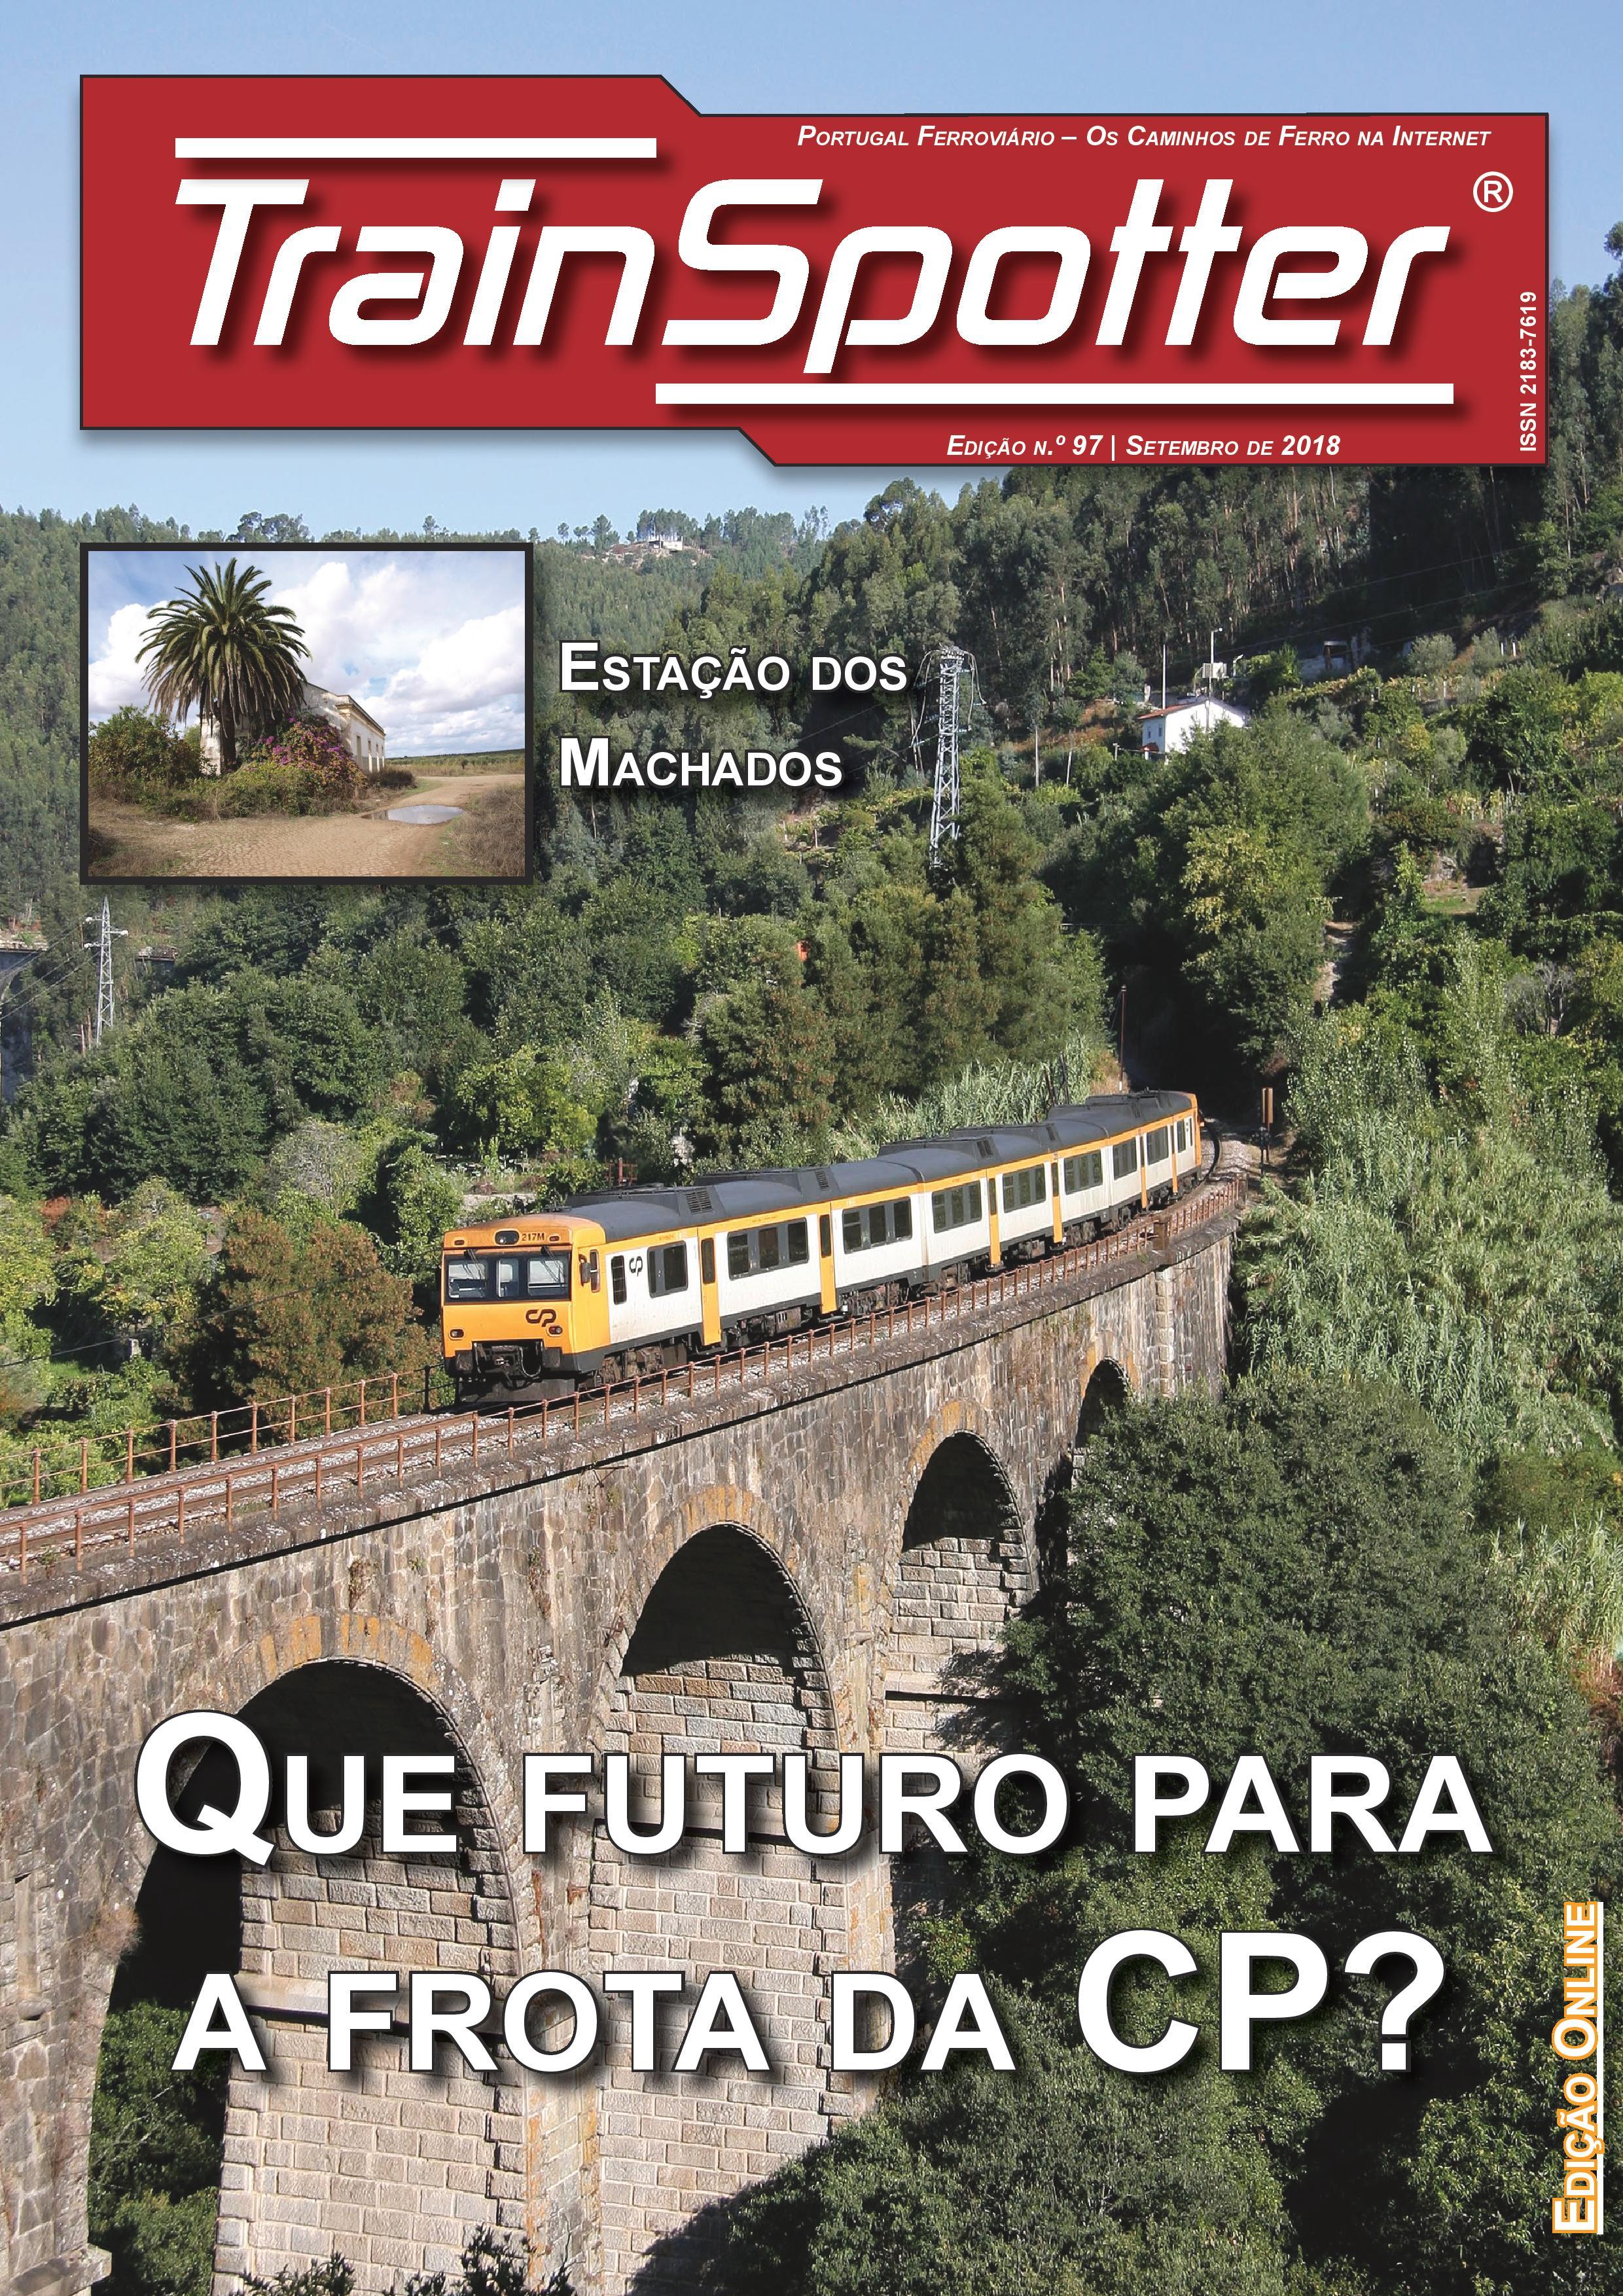 Trainspotter nº 097 – Setembro de 2018